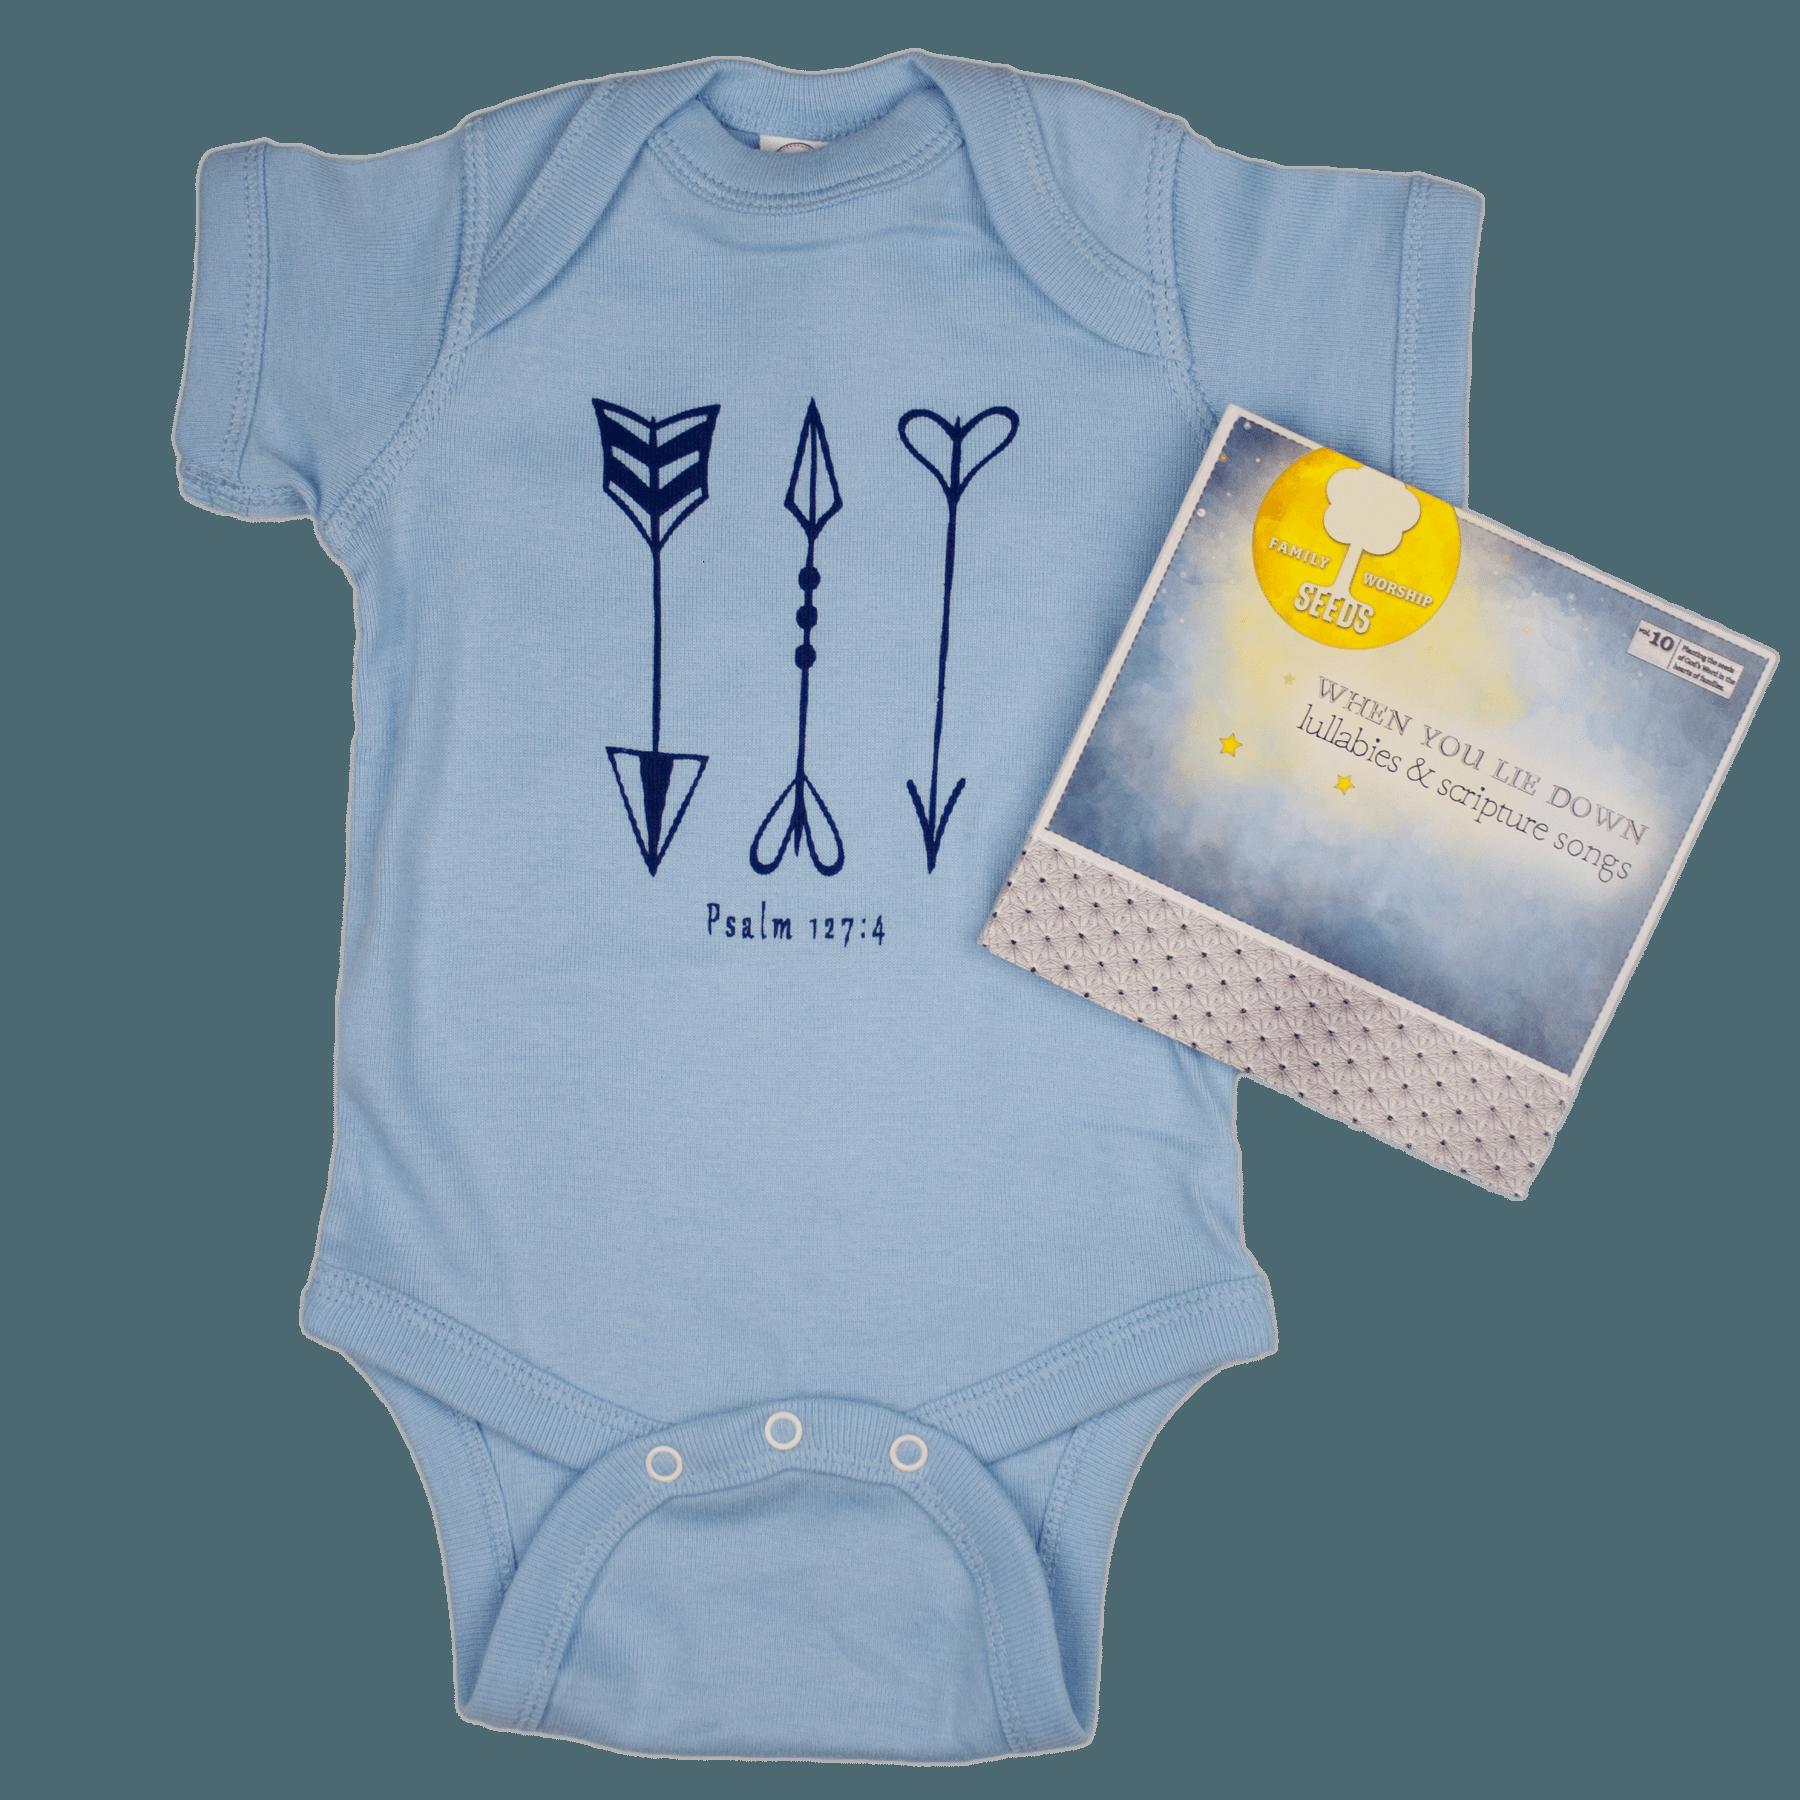 seeds-infant-blue-cd